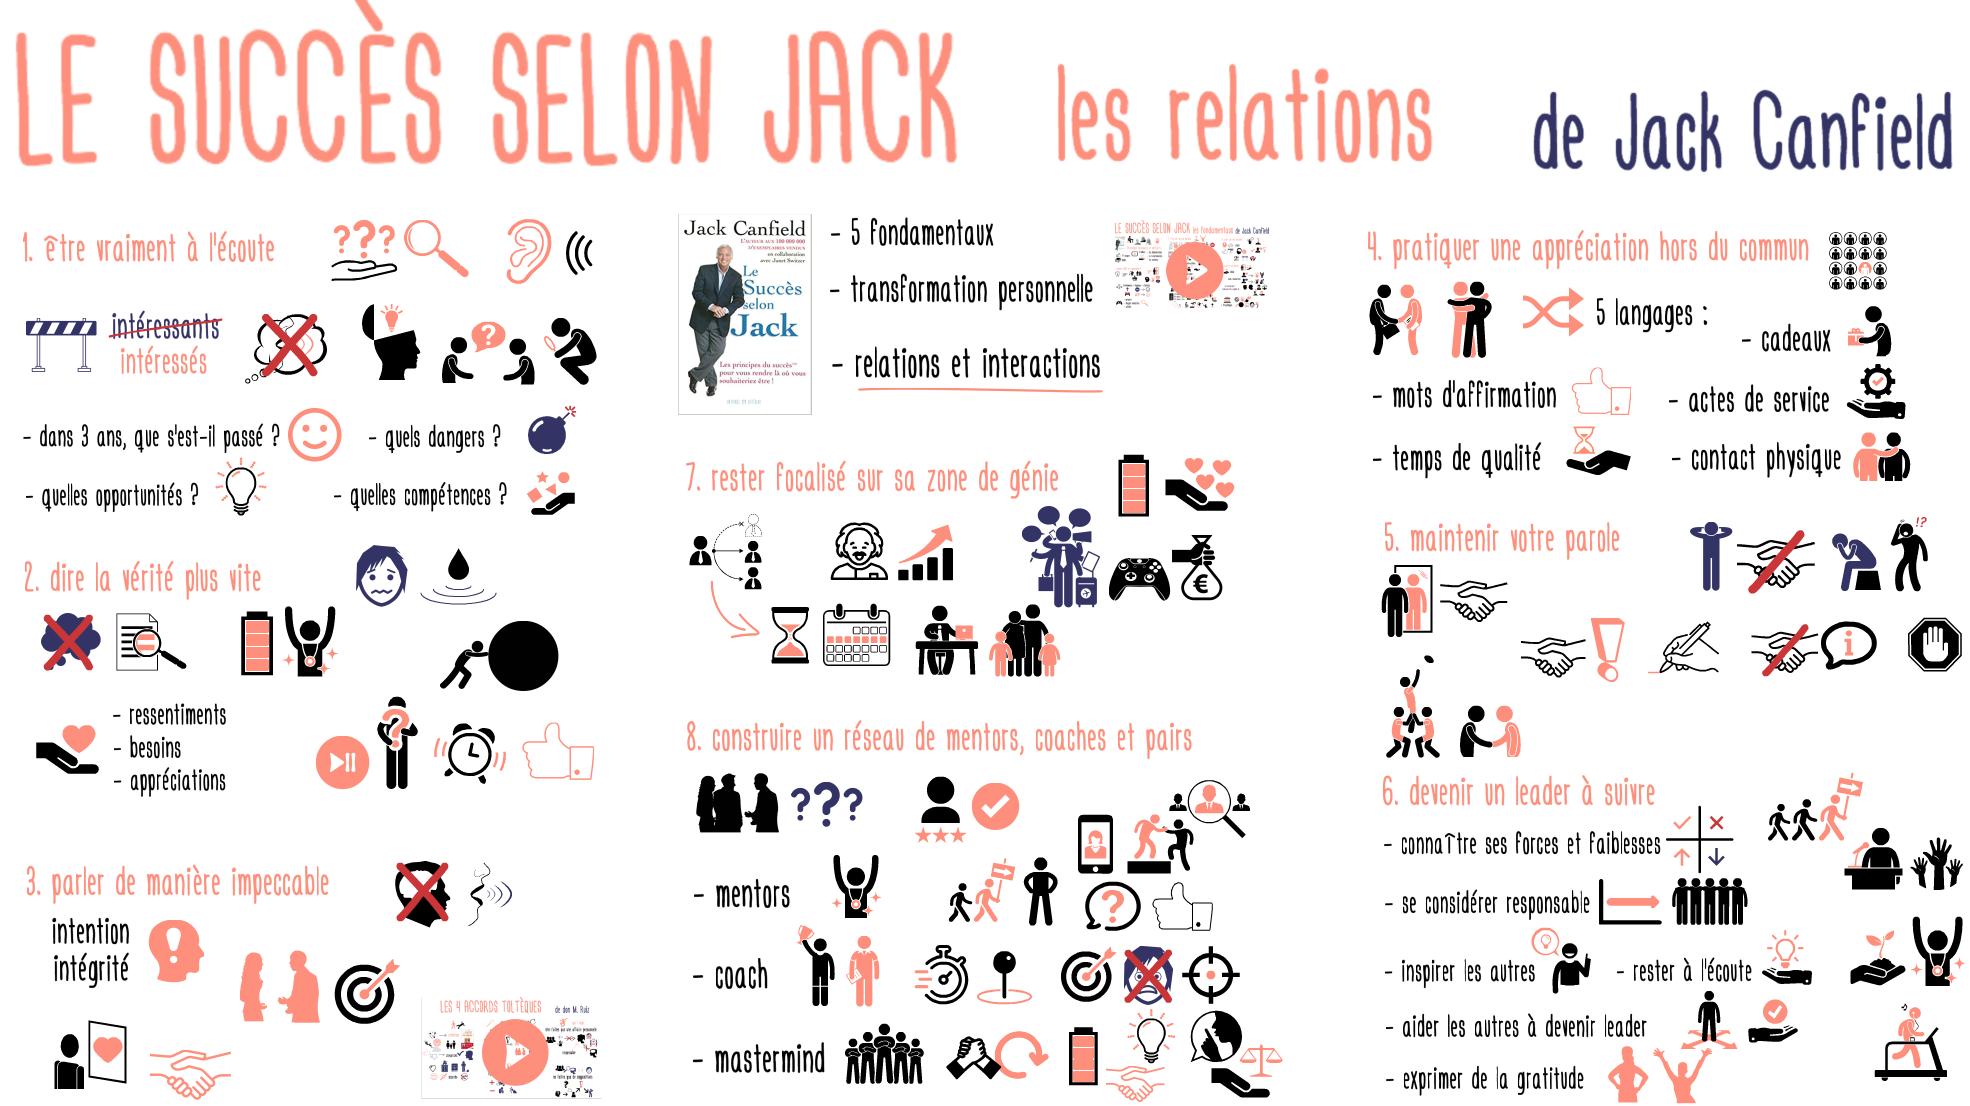 Succes selon Jack Relations